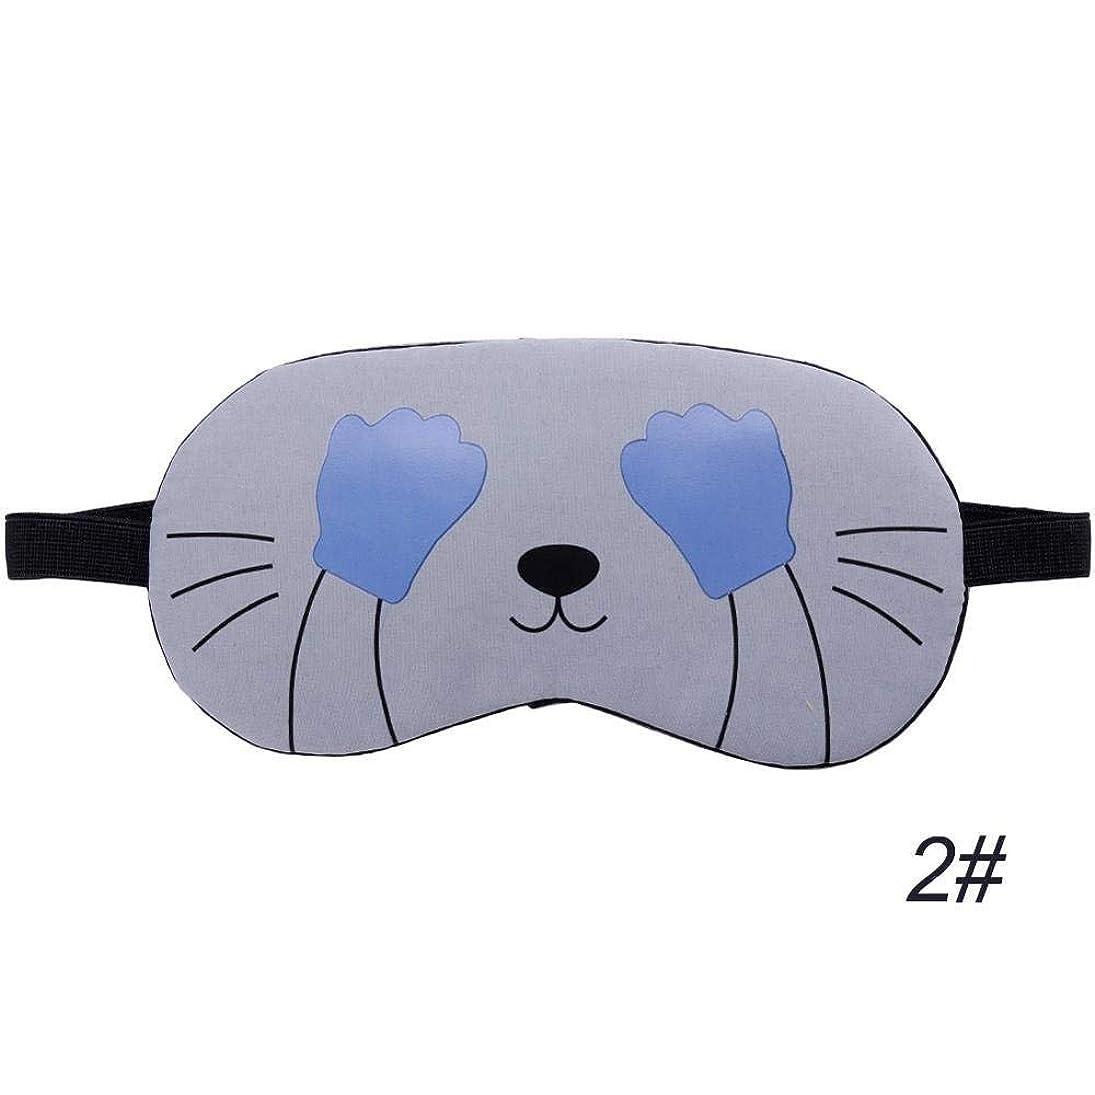 移動平凡ベアリングサークルNOTE 1ピース新しいかわいいソフトアイエイドマスク旅行睡眠残りアイシェードカバー通常のアイシェード目隠しユニセックスアイフェイスケアツール#280205